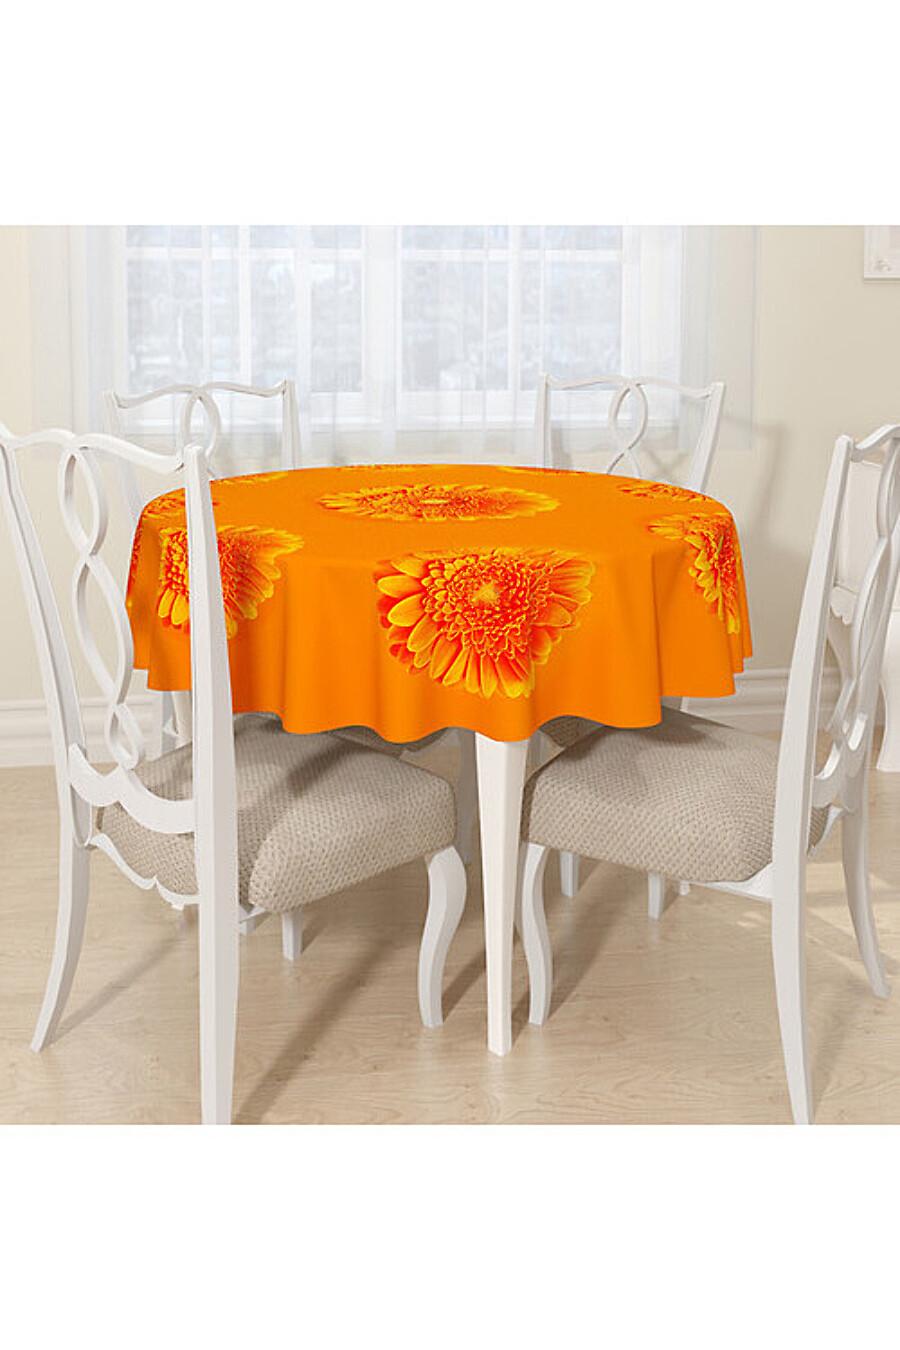 Скатерть для дома ART HOME TEXTILE 180146 купить оптом от производителя. Совместная покупка товаров для дома в OptMoyo